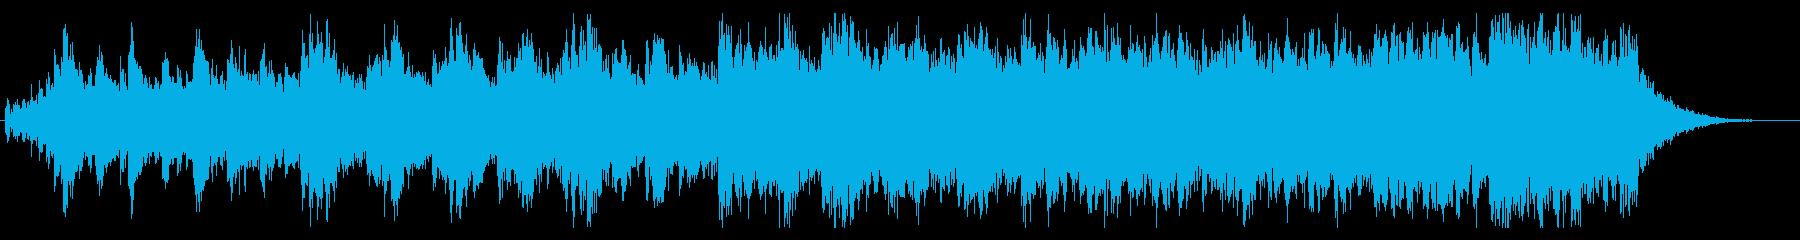 ★ややシリアスなEPICオーケストラ✡Eの再生済みの波形